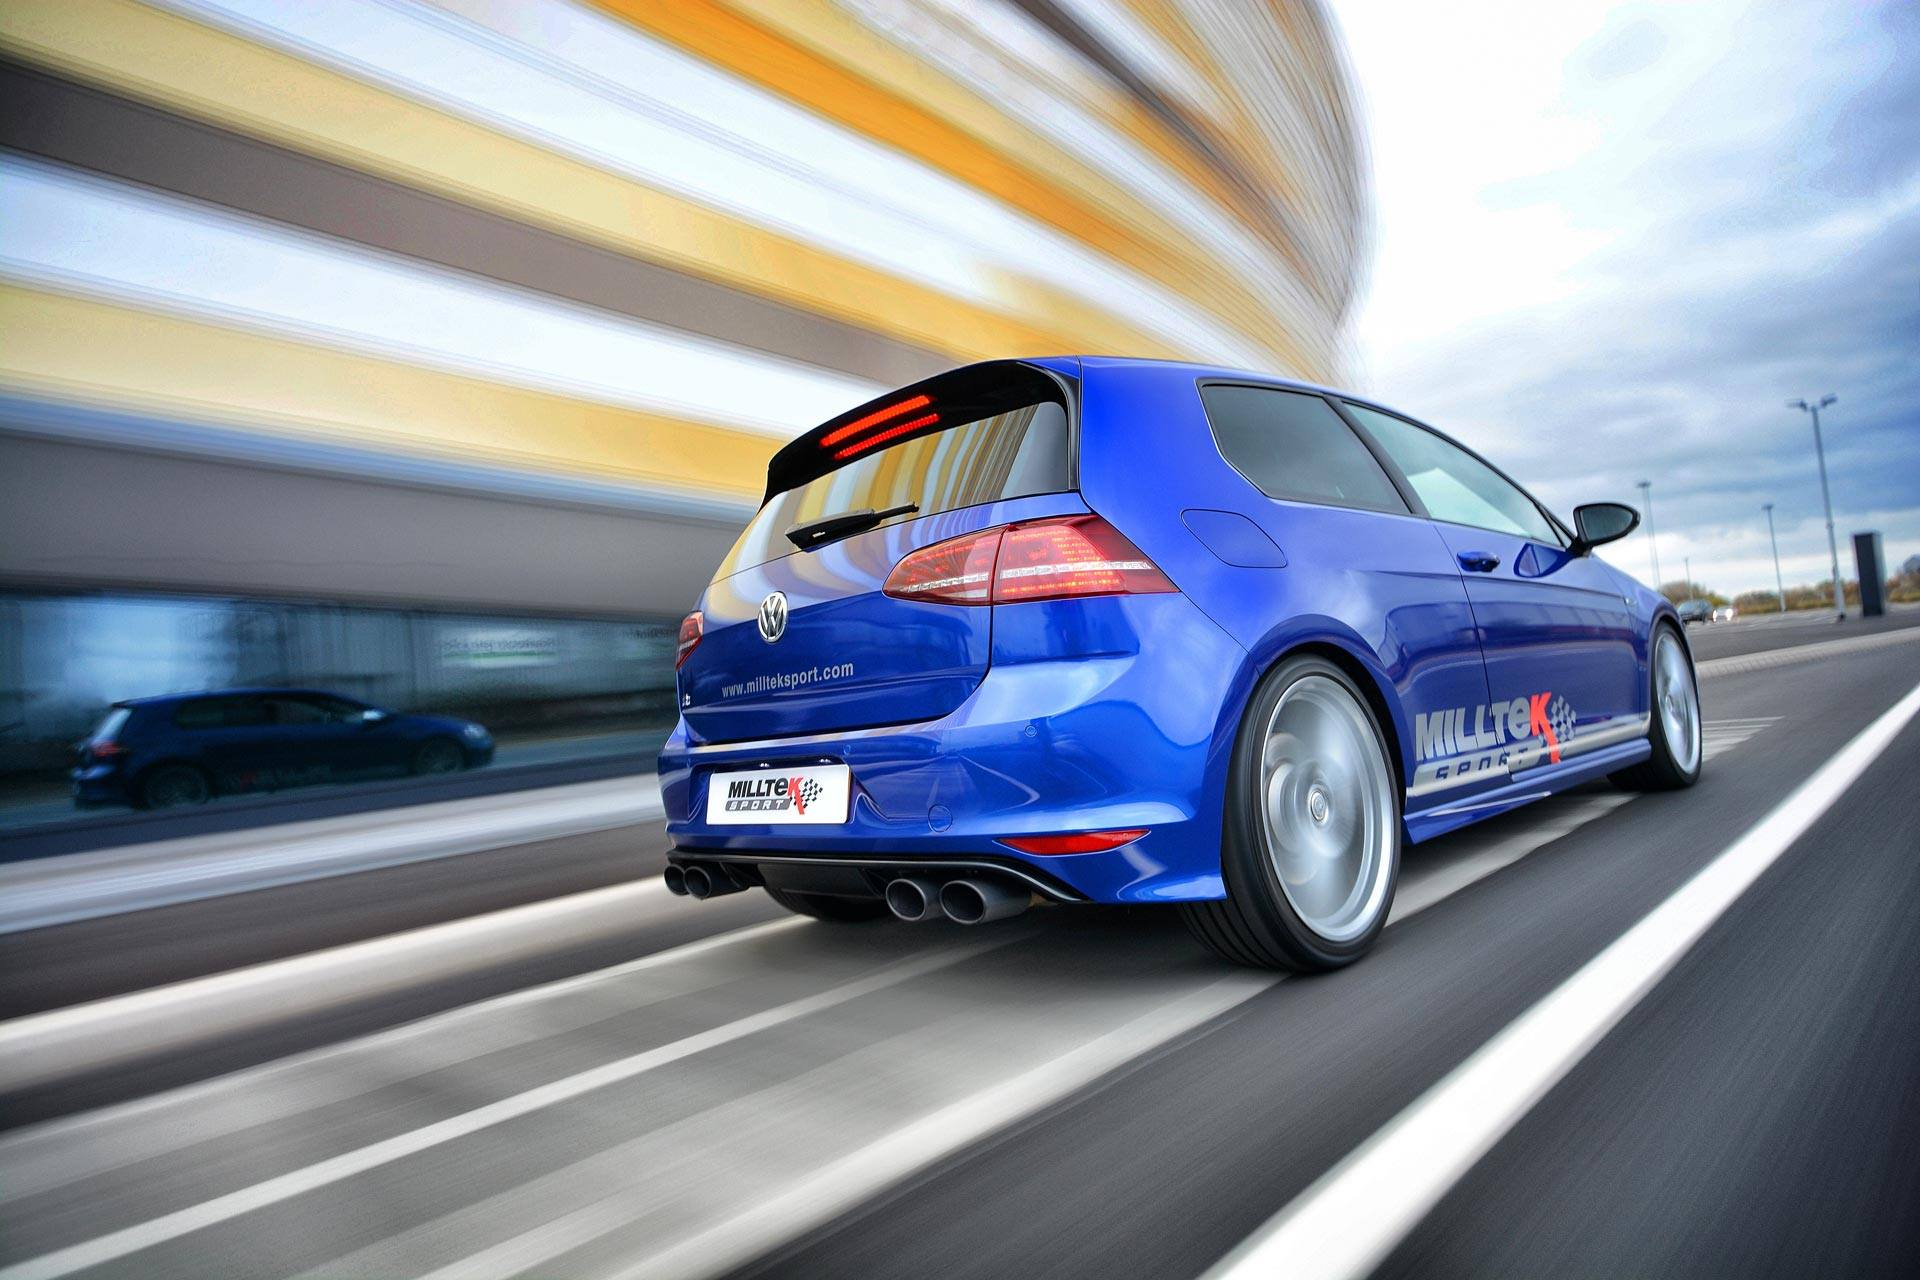 volkswagen golf 7 r gets sports exhaust system from milltek